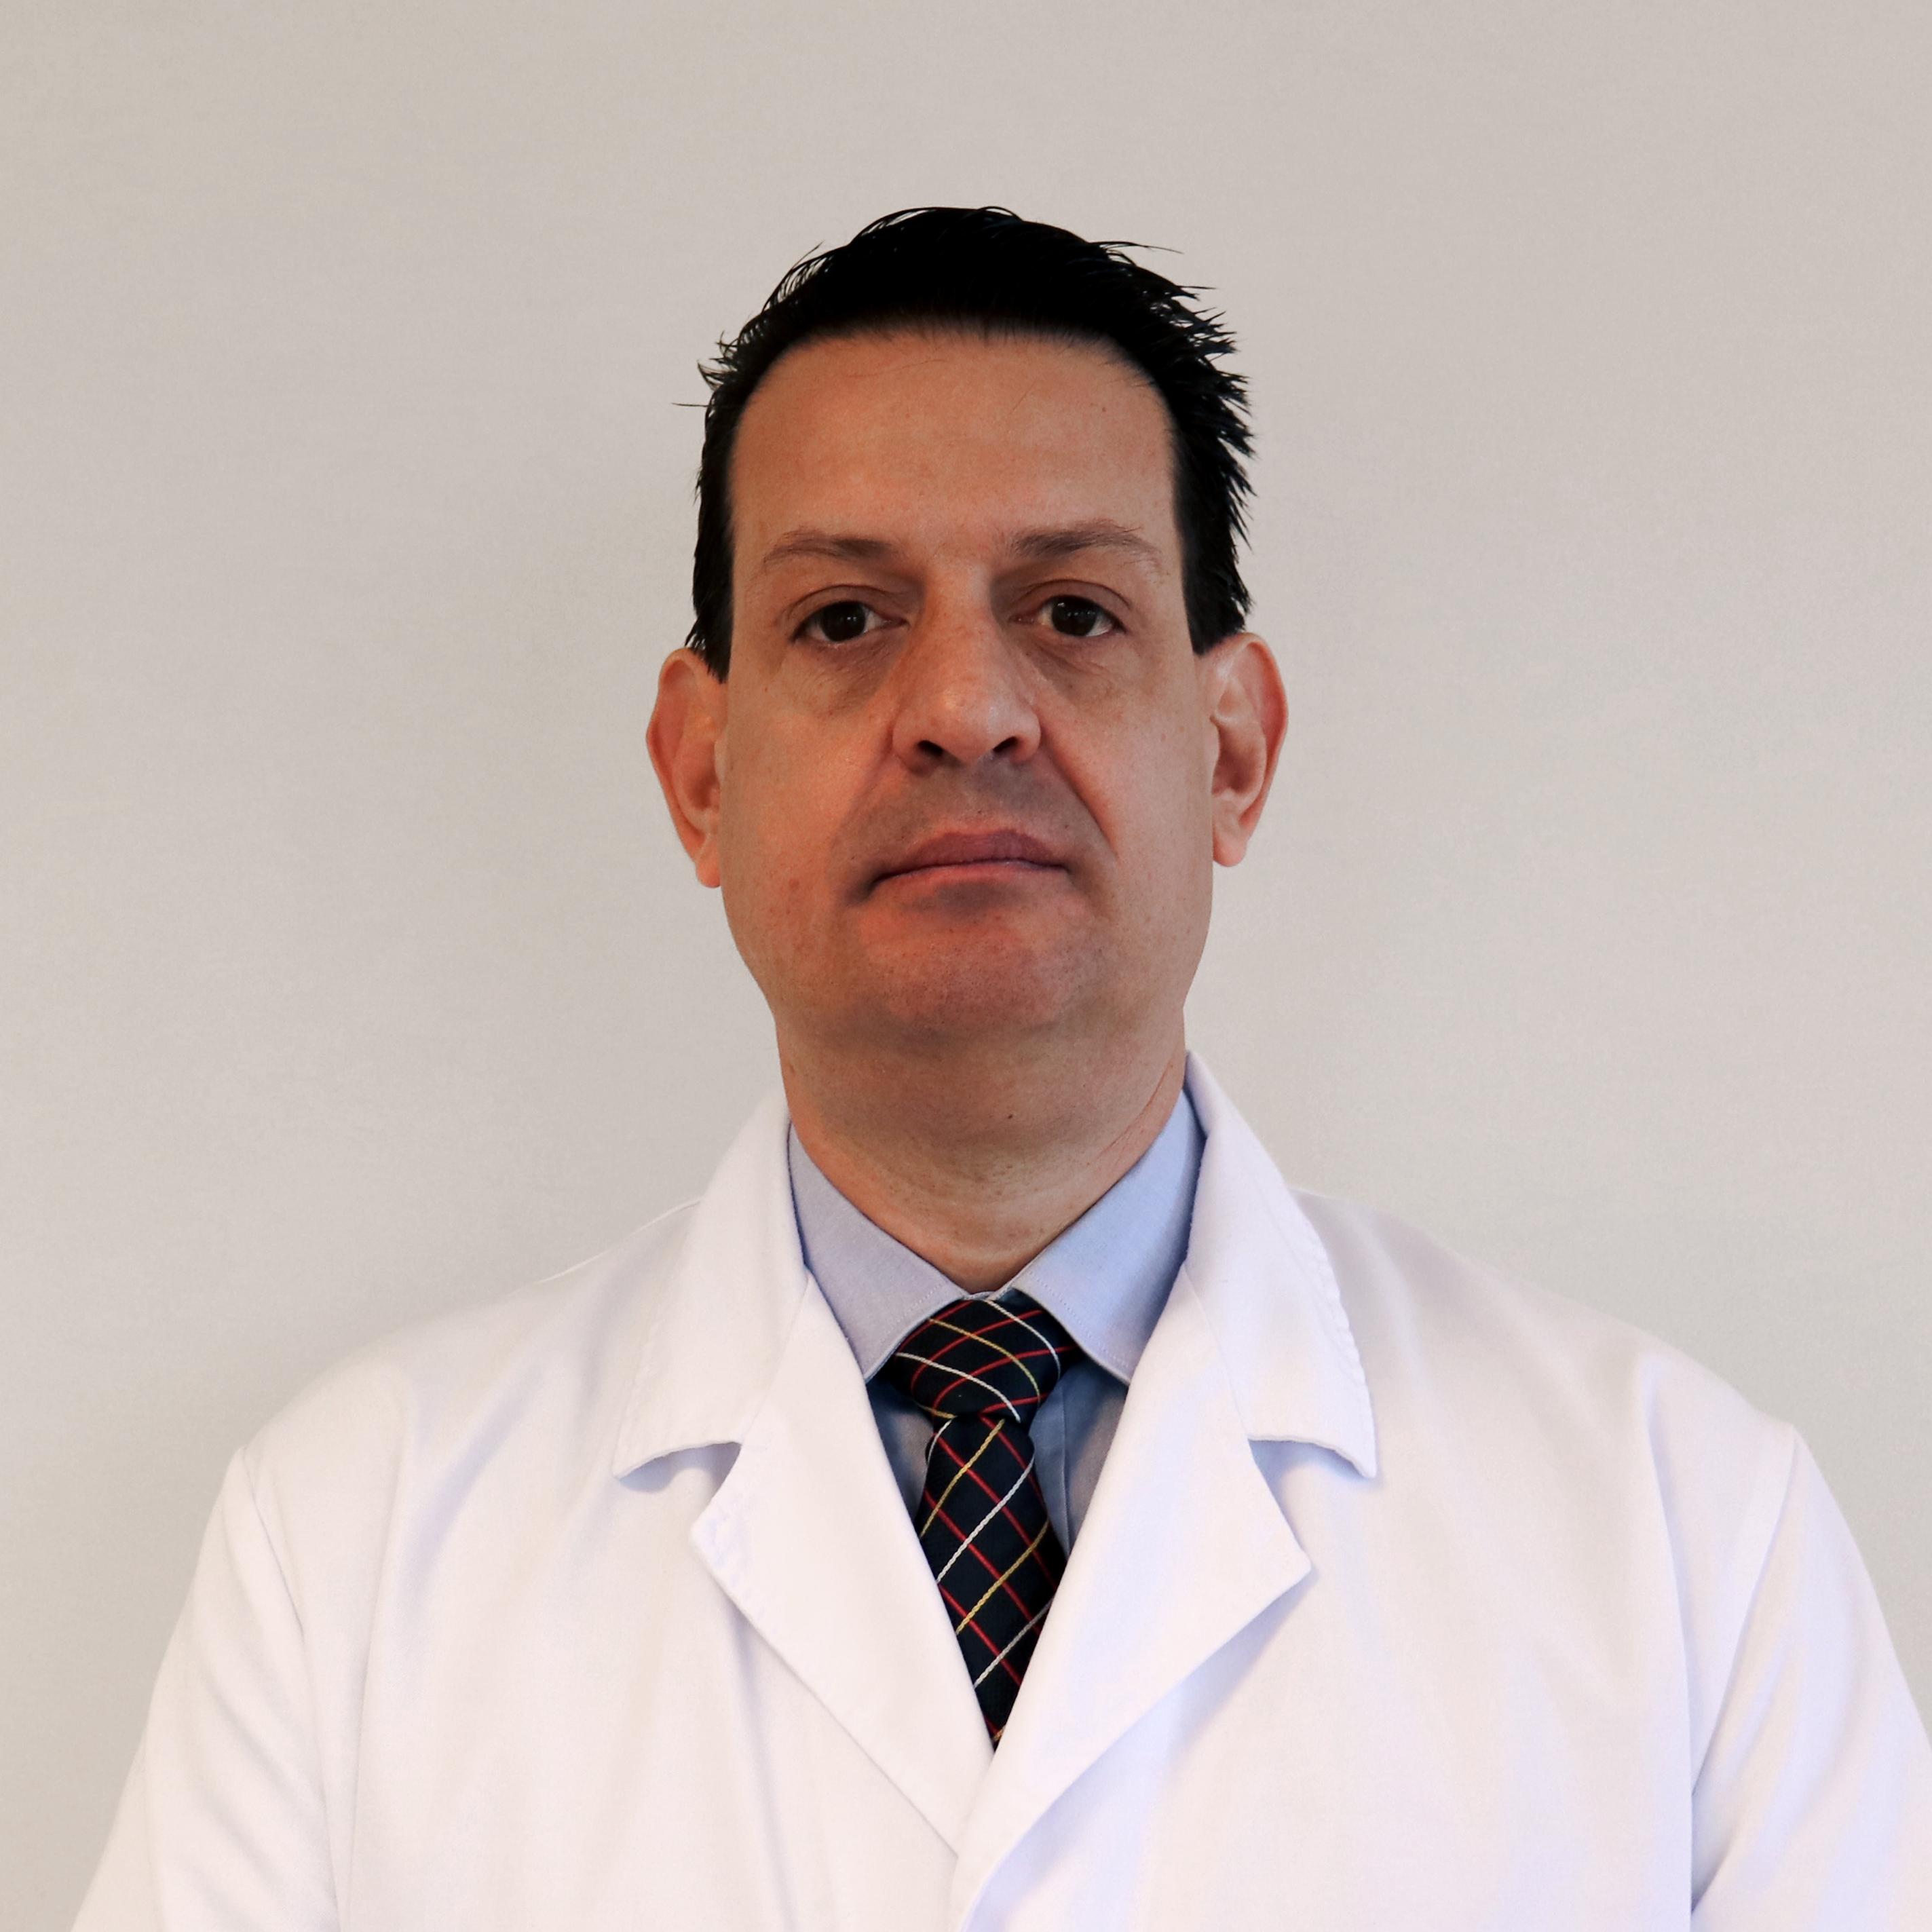 Juan María Arroyo Delgado